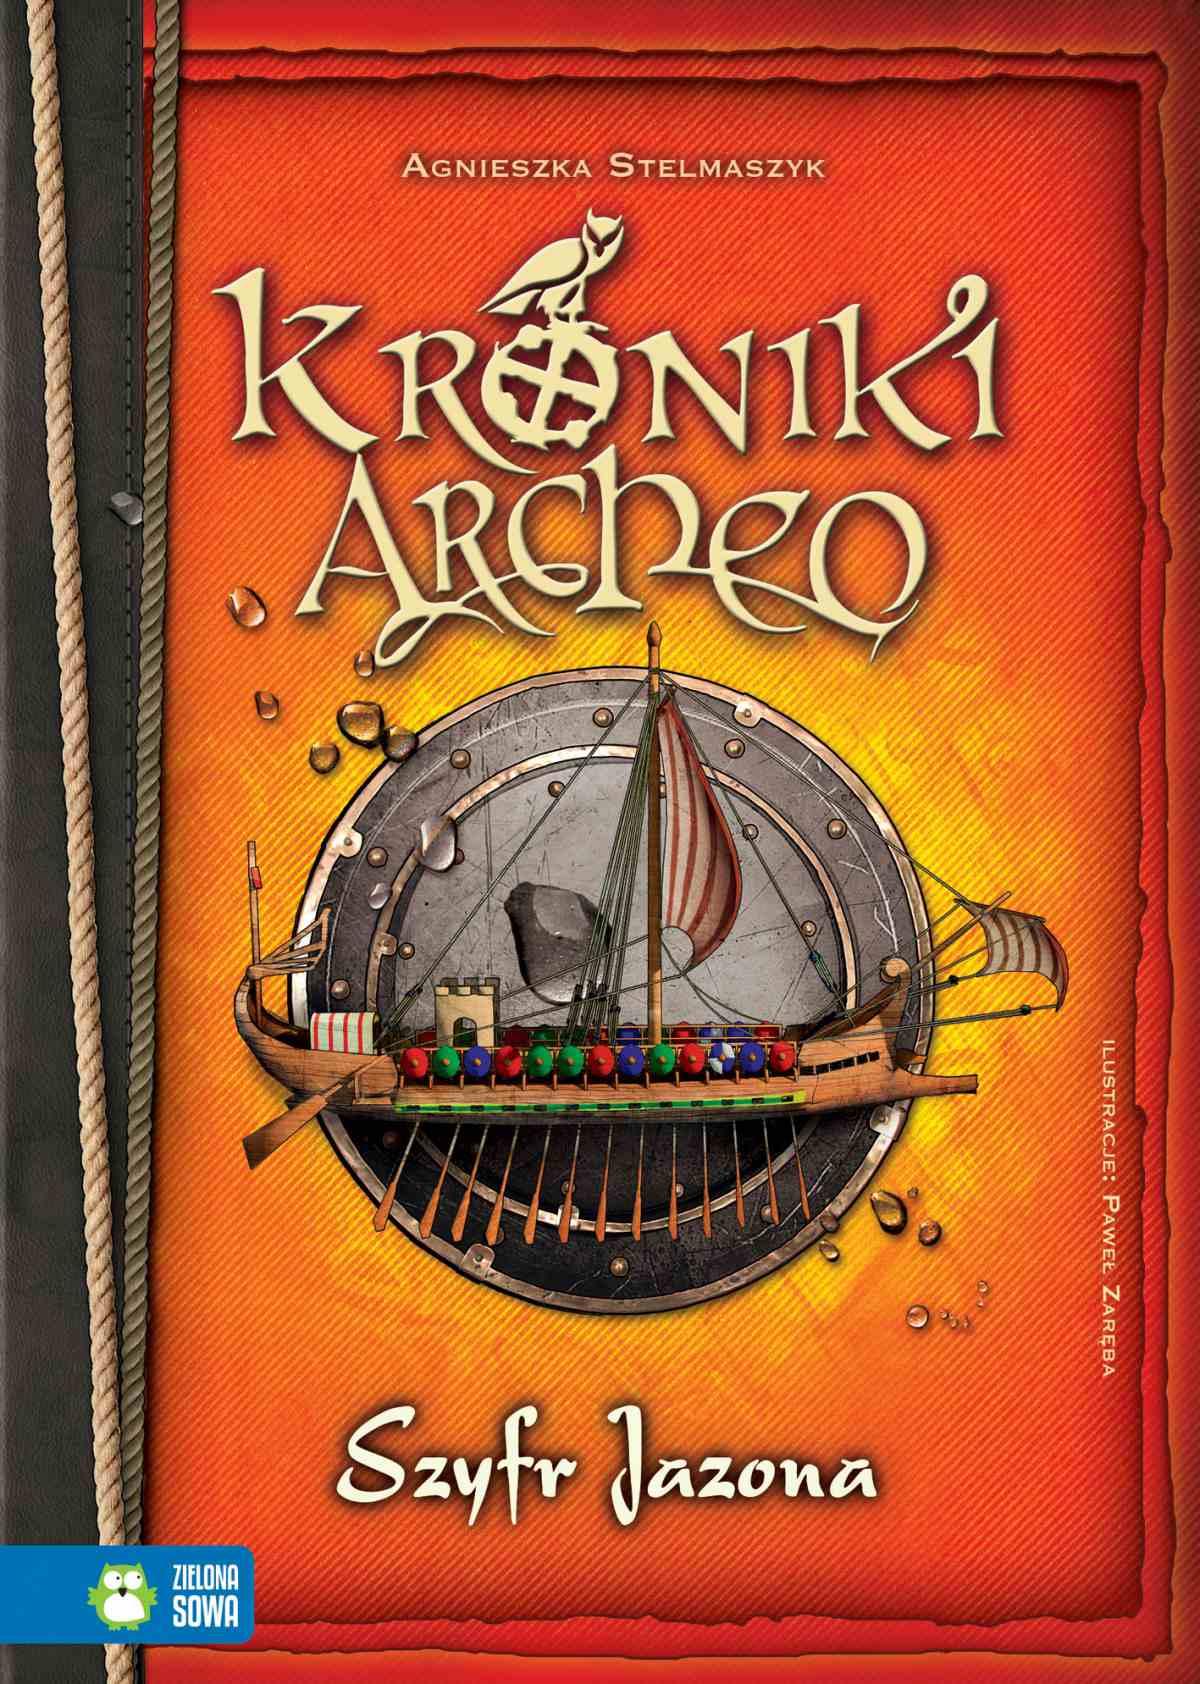 Kroniki Archeo: Szyfr Jazona - Ebook (Książka EPUB) do pobrania w formacie EPUB